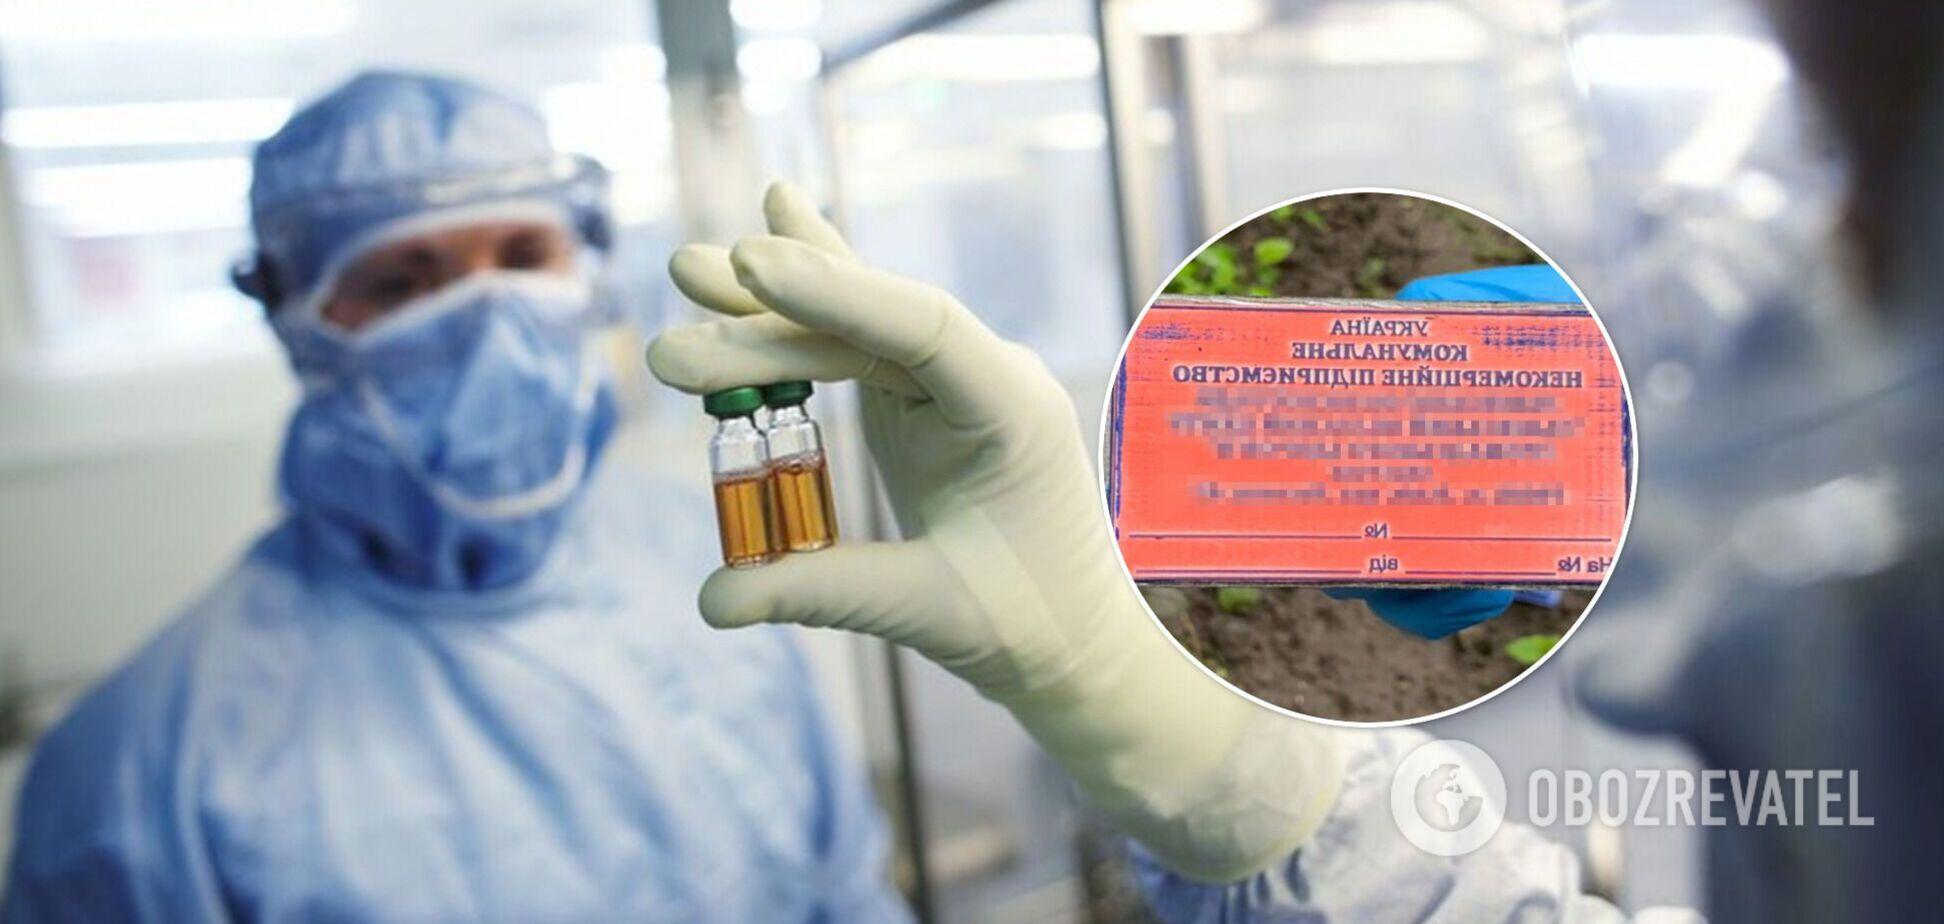 В Україні продавали довідки про вакцинацію від COVID-19